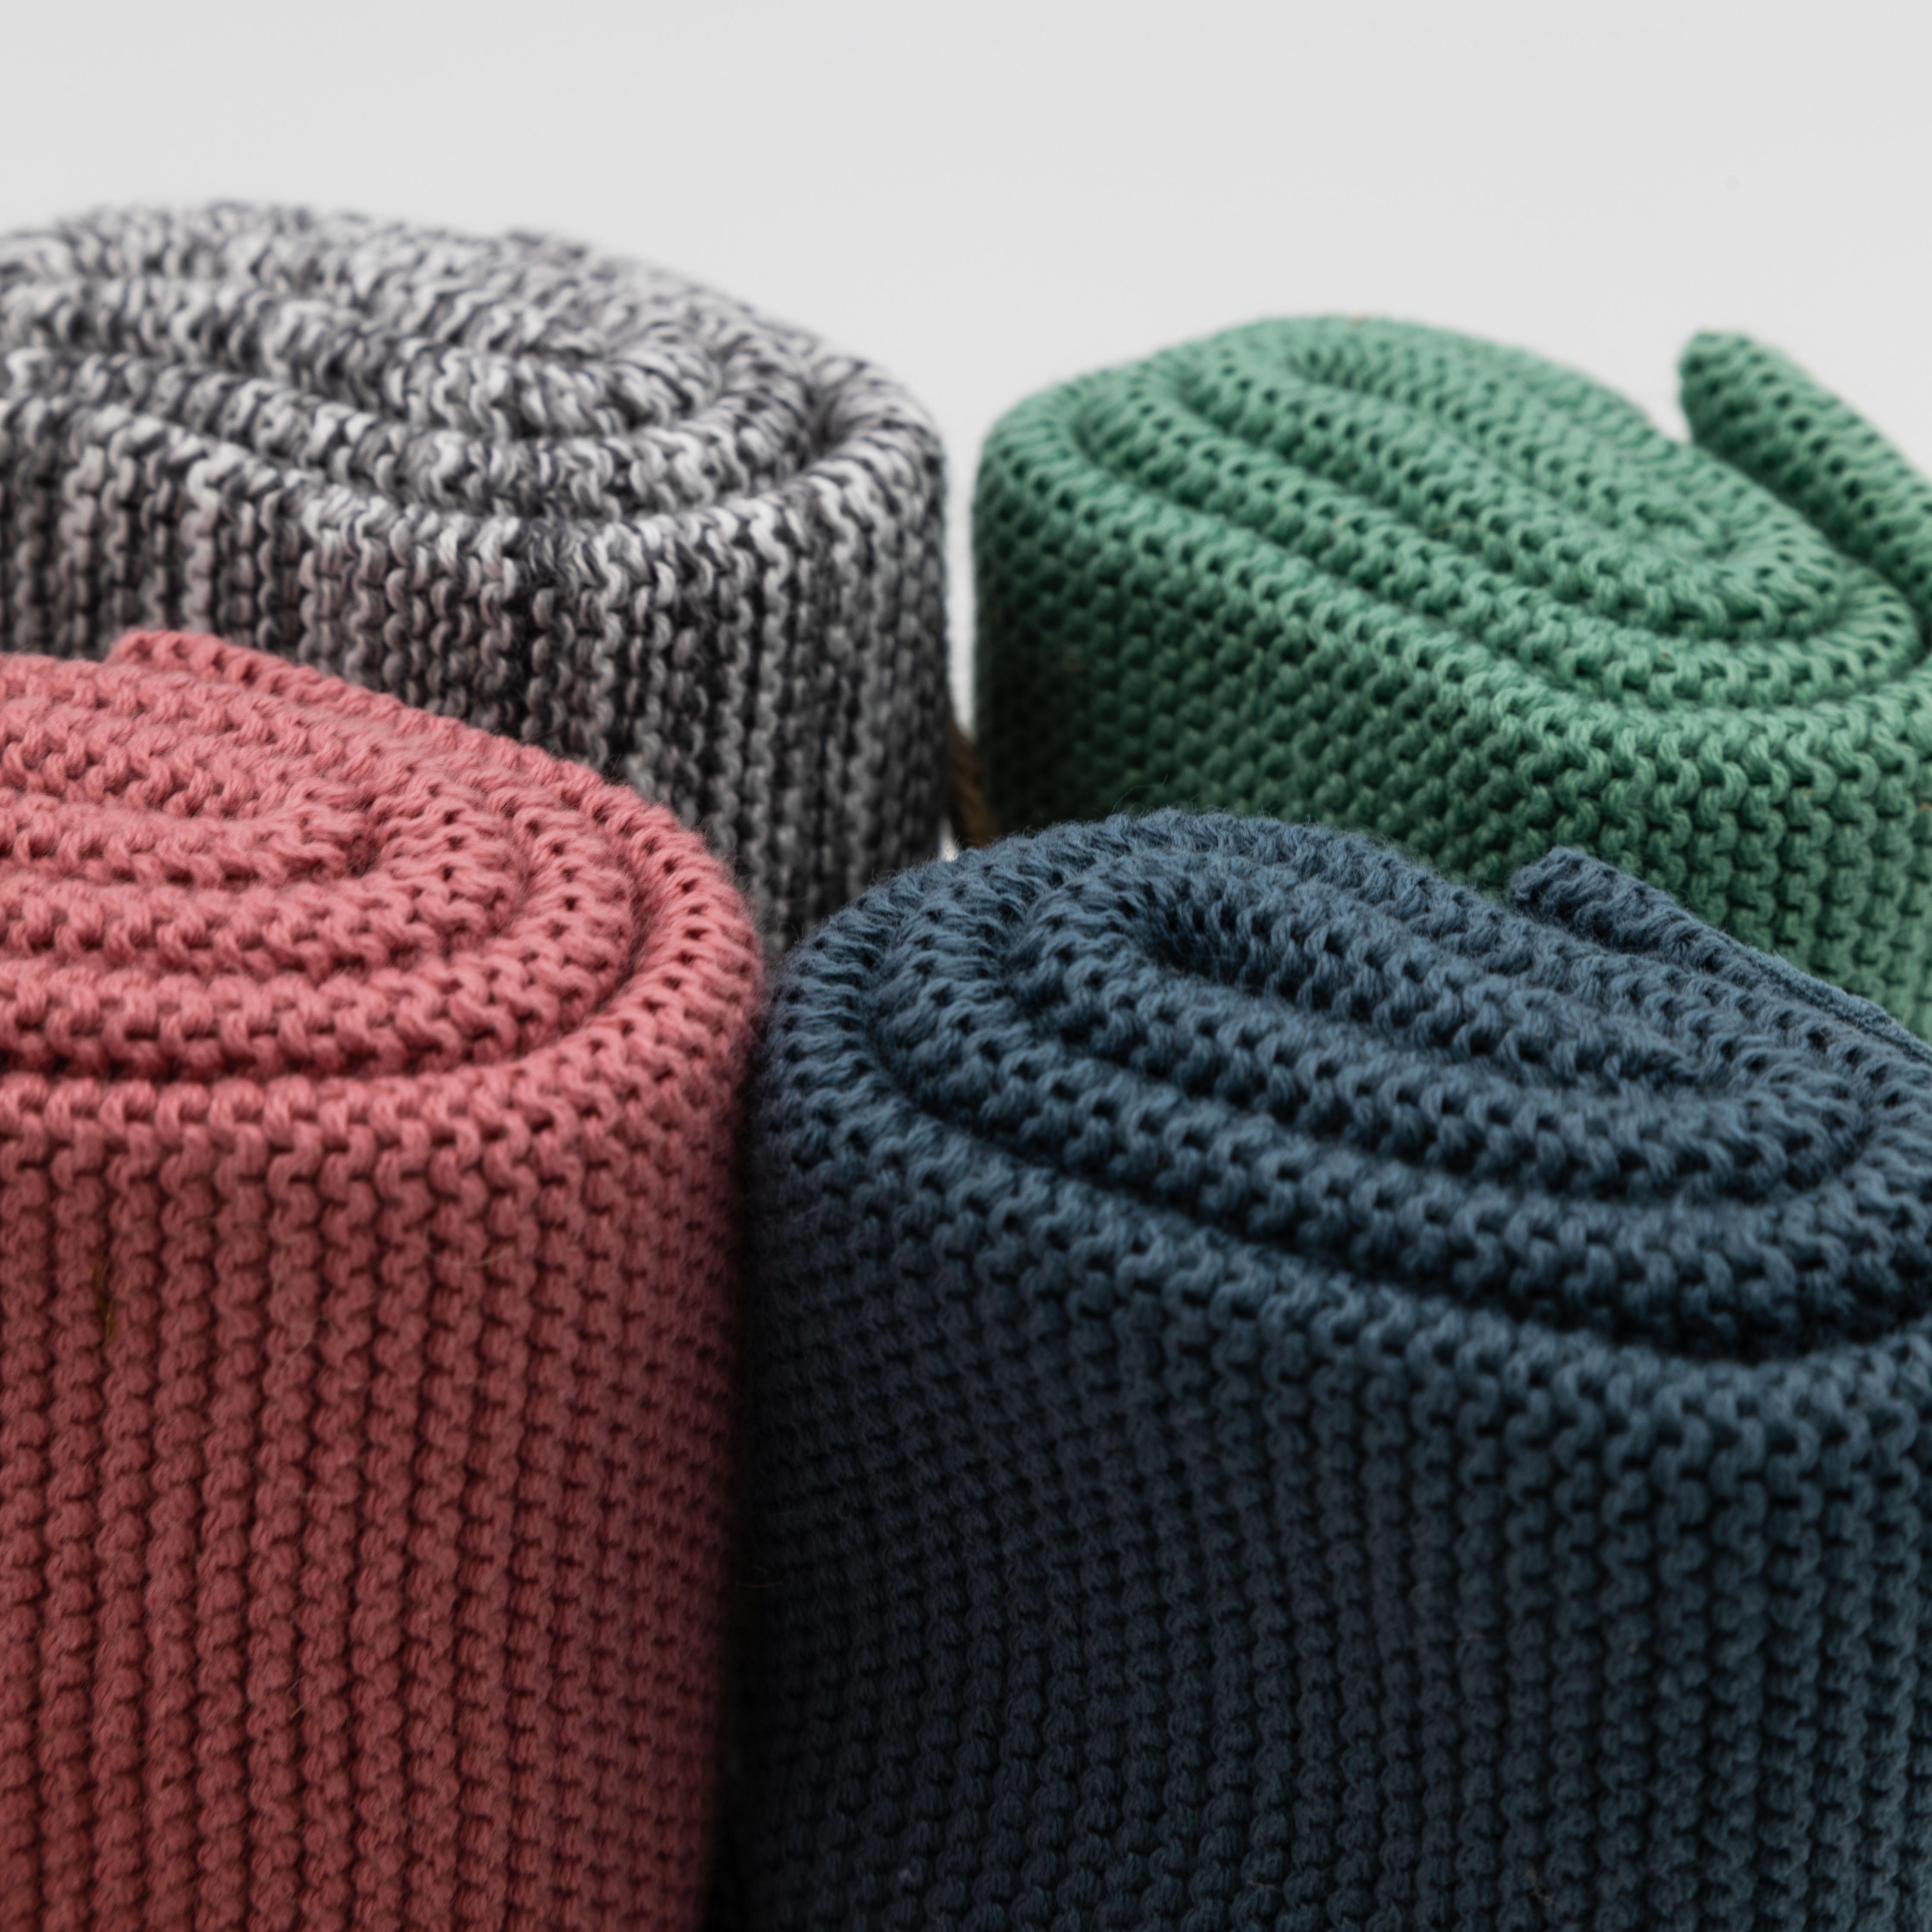 Detailaufnahme von zusammengerollten Handtüchern in grau, altrosa, grün und dunkelblau.